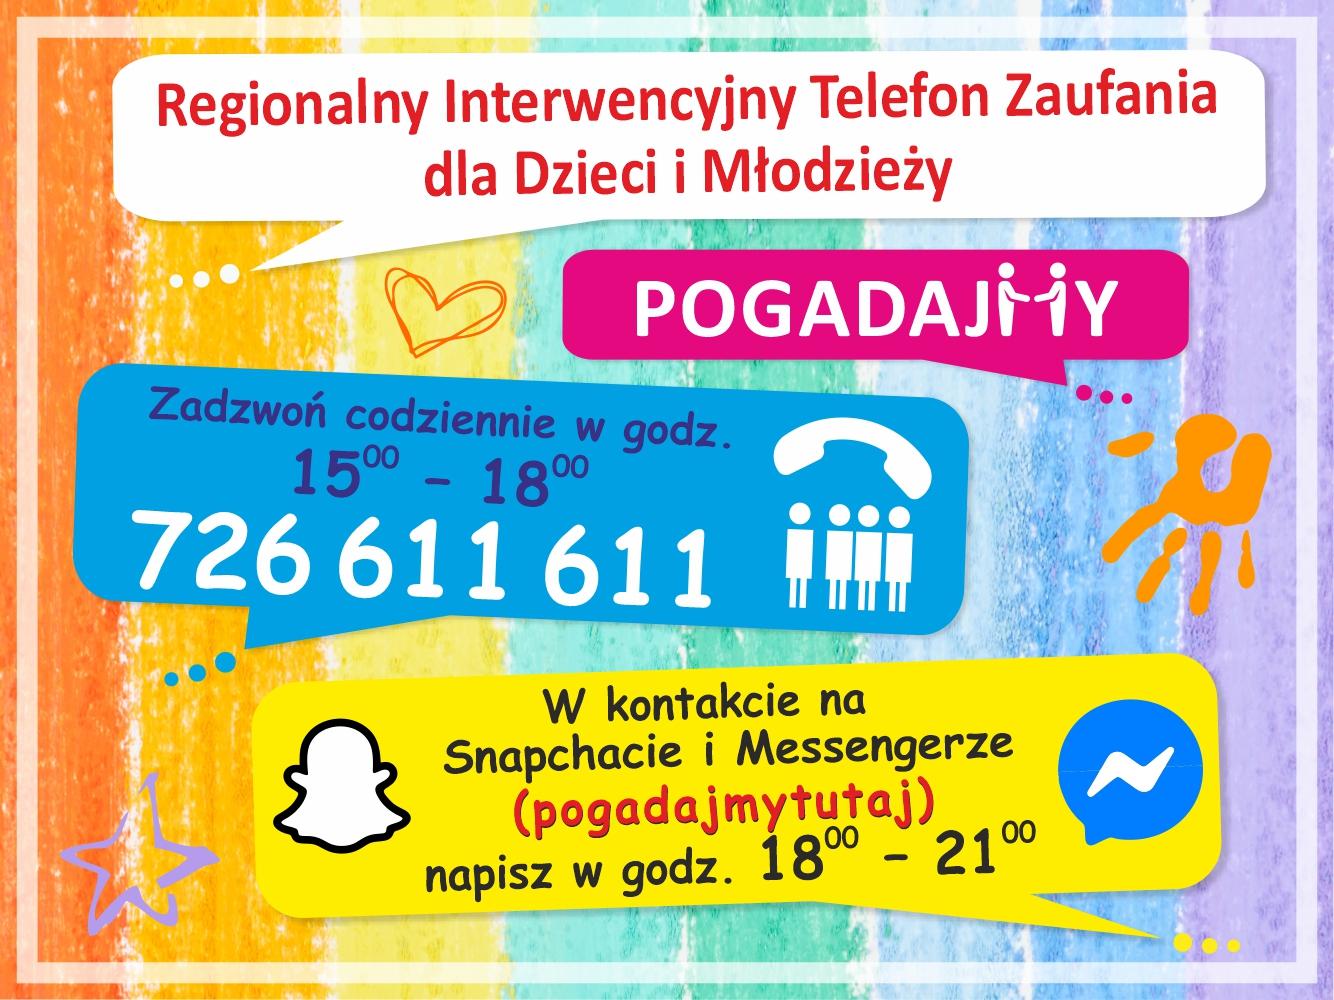 Regionalny Interwencyjny Telefon Zaufania dla Dzieci i Młodzieży 726 611 611, czynny codziennie w godz. 15.00-18.00. Na Snapchacie i Messengerze (pogadajmytutaj) w godz. 18.00-21.00. Plakat w pionowe kolorowe paski